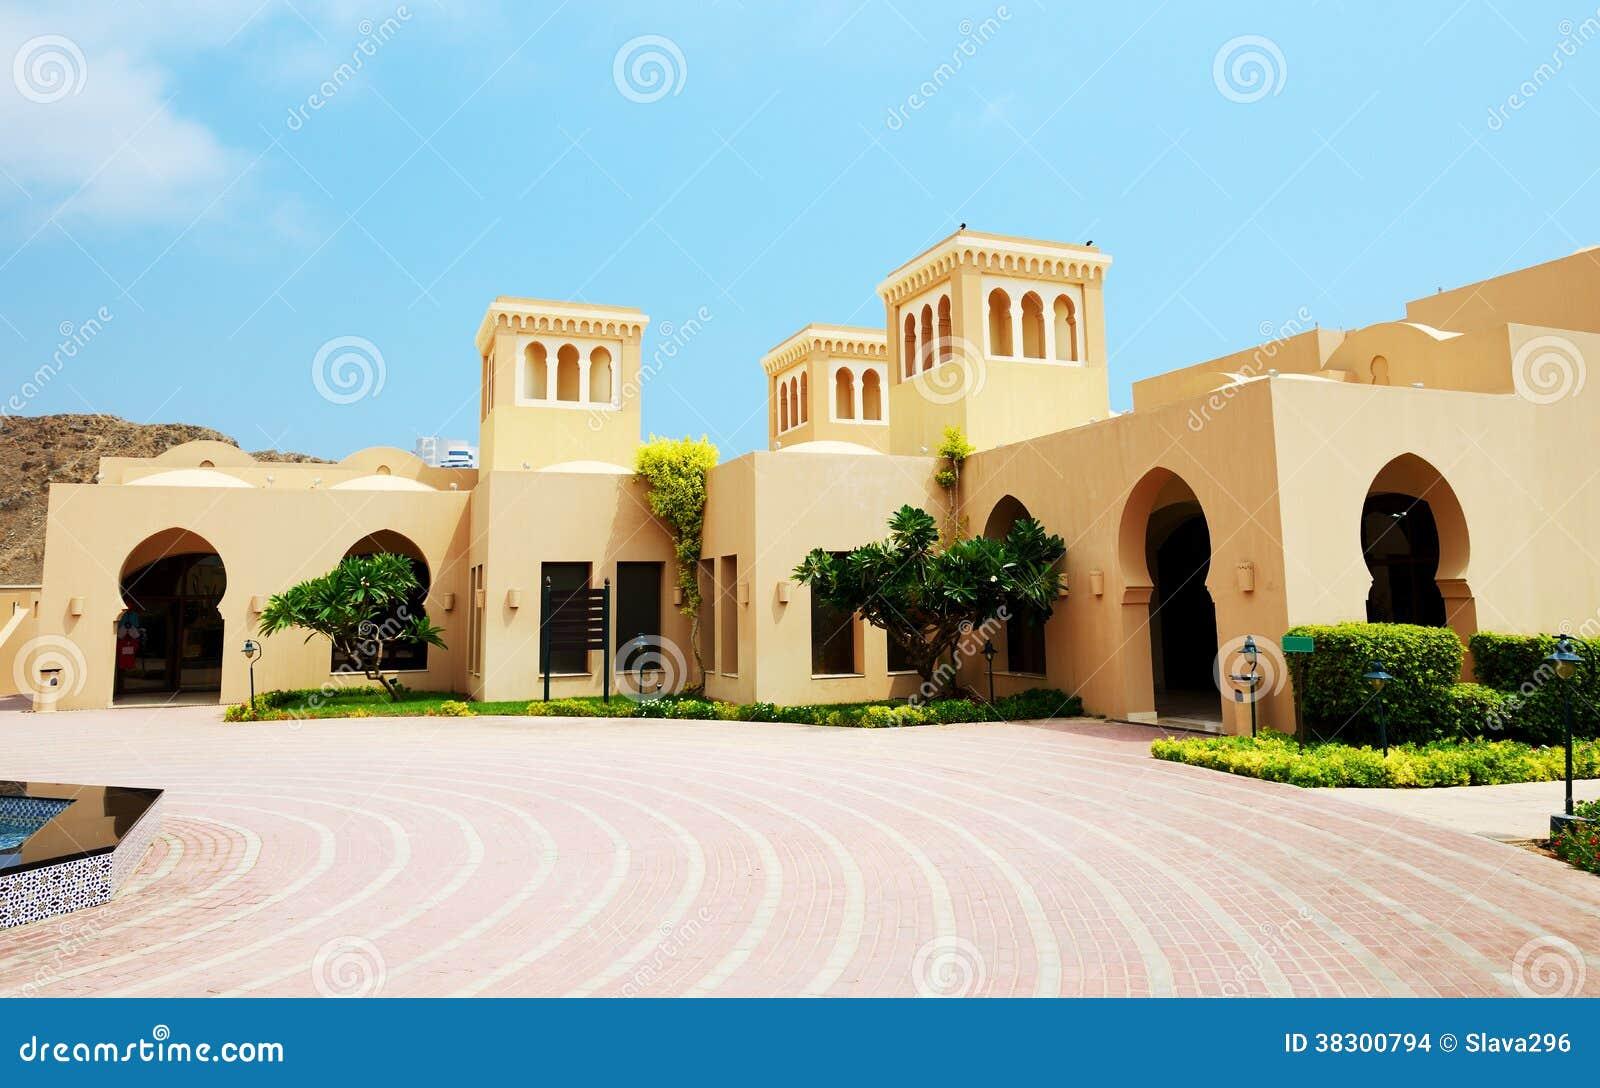 Le ville arabe di stile in albergo di lusso immagini stock for Disegni di ville di lusso